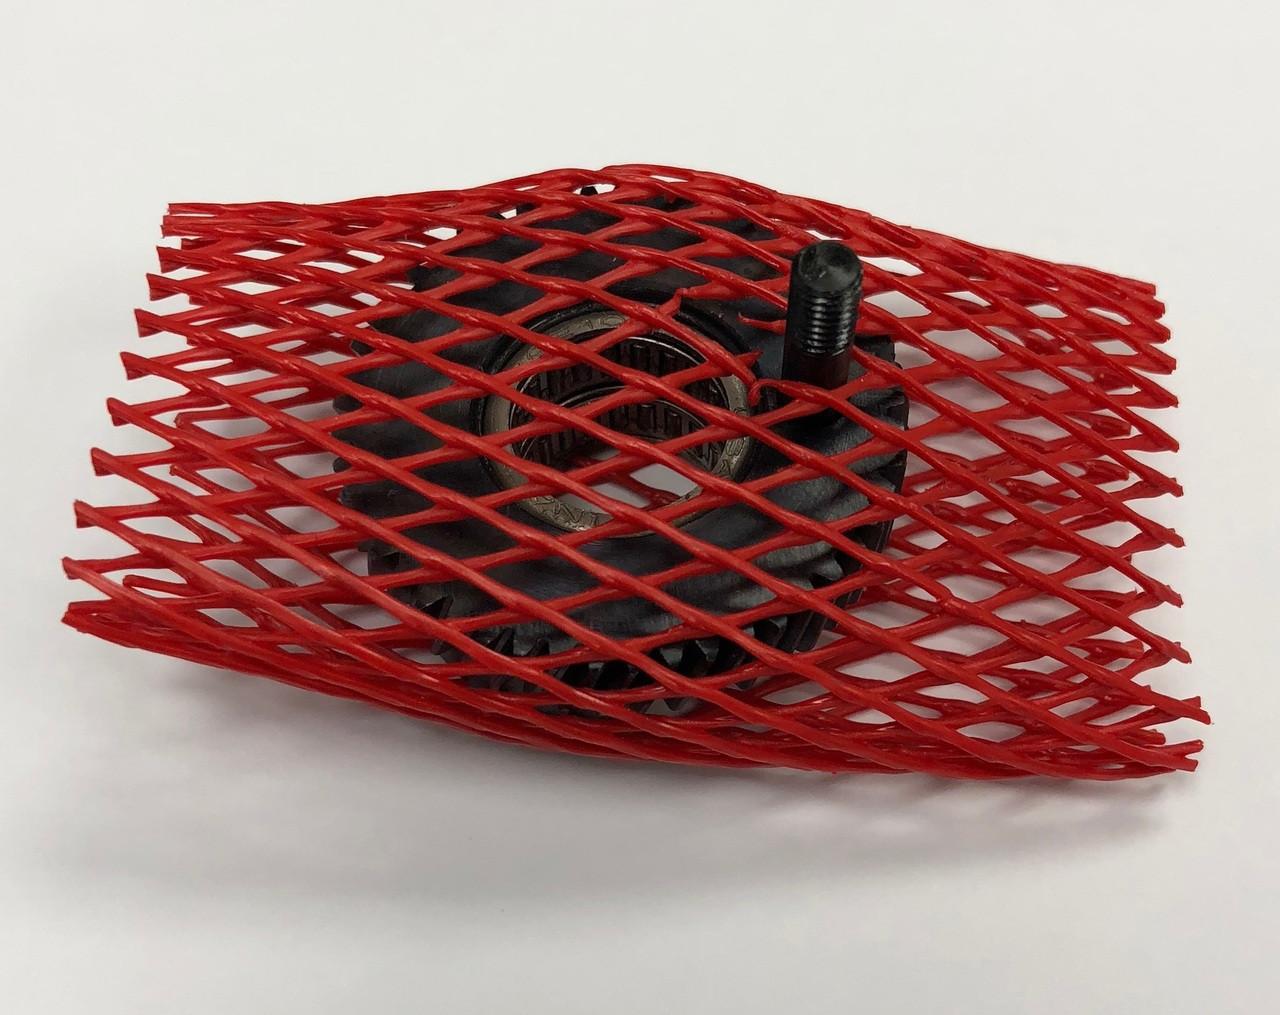 404 -- (Kits) -- Gear & Bearing Assembly - 3026023